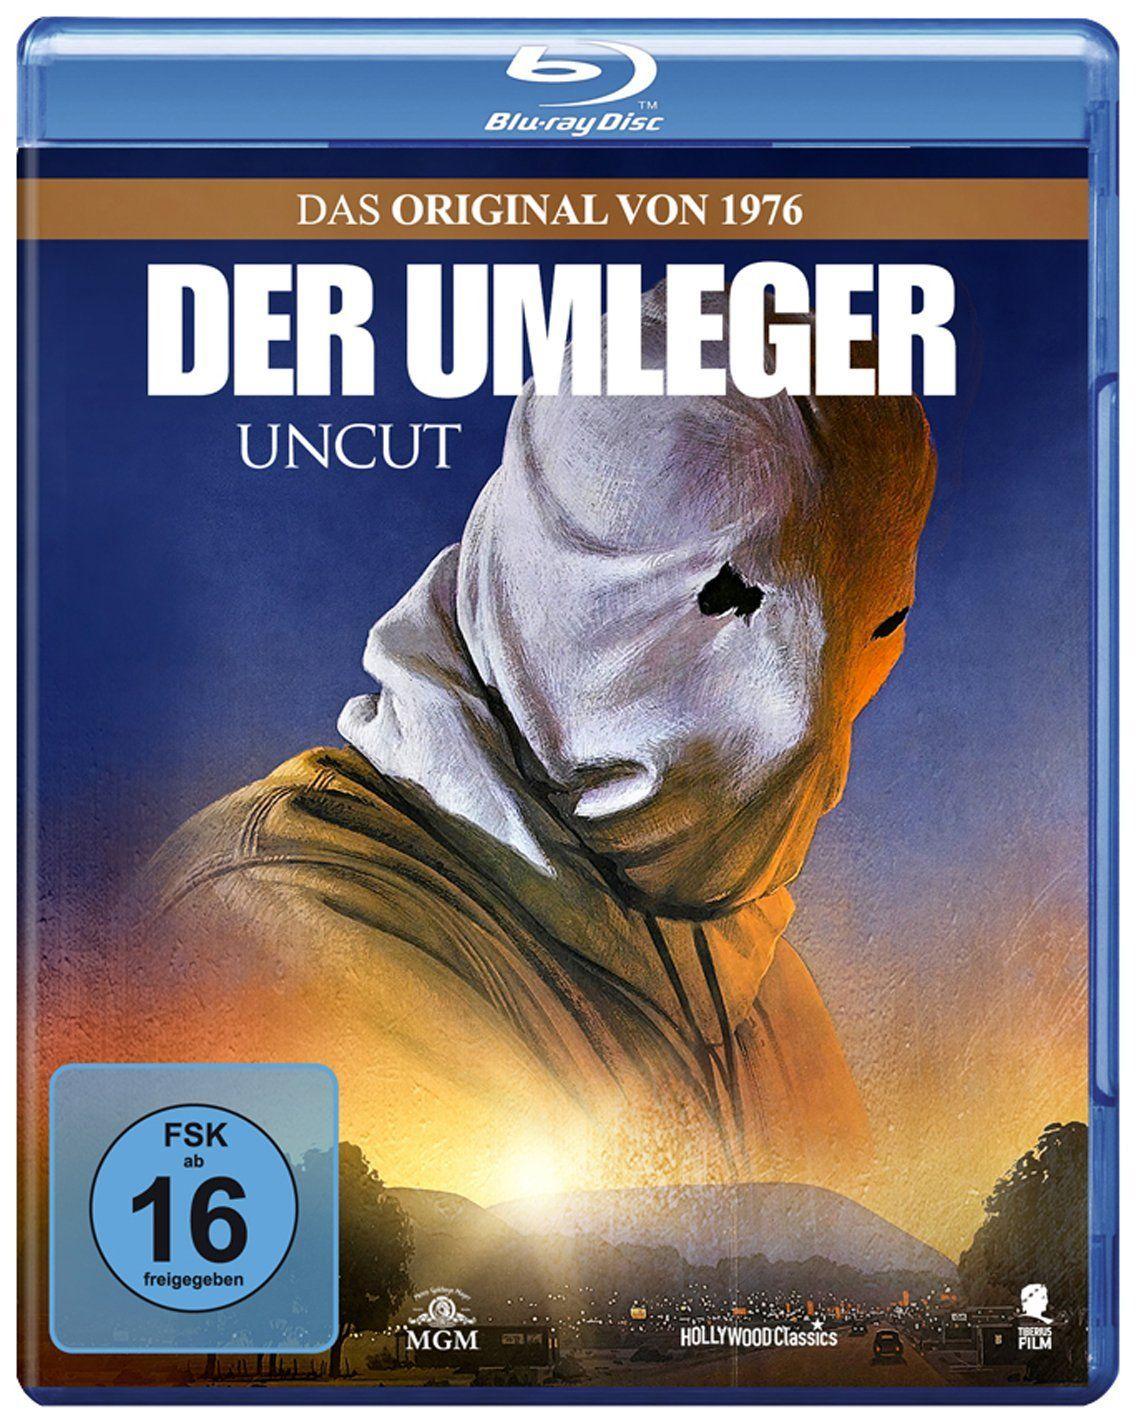 ** B-WARE ** Umleger, Der (1976) (Uncut) (BLURAY) ** B-WARE **